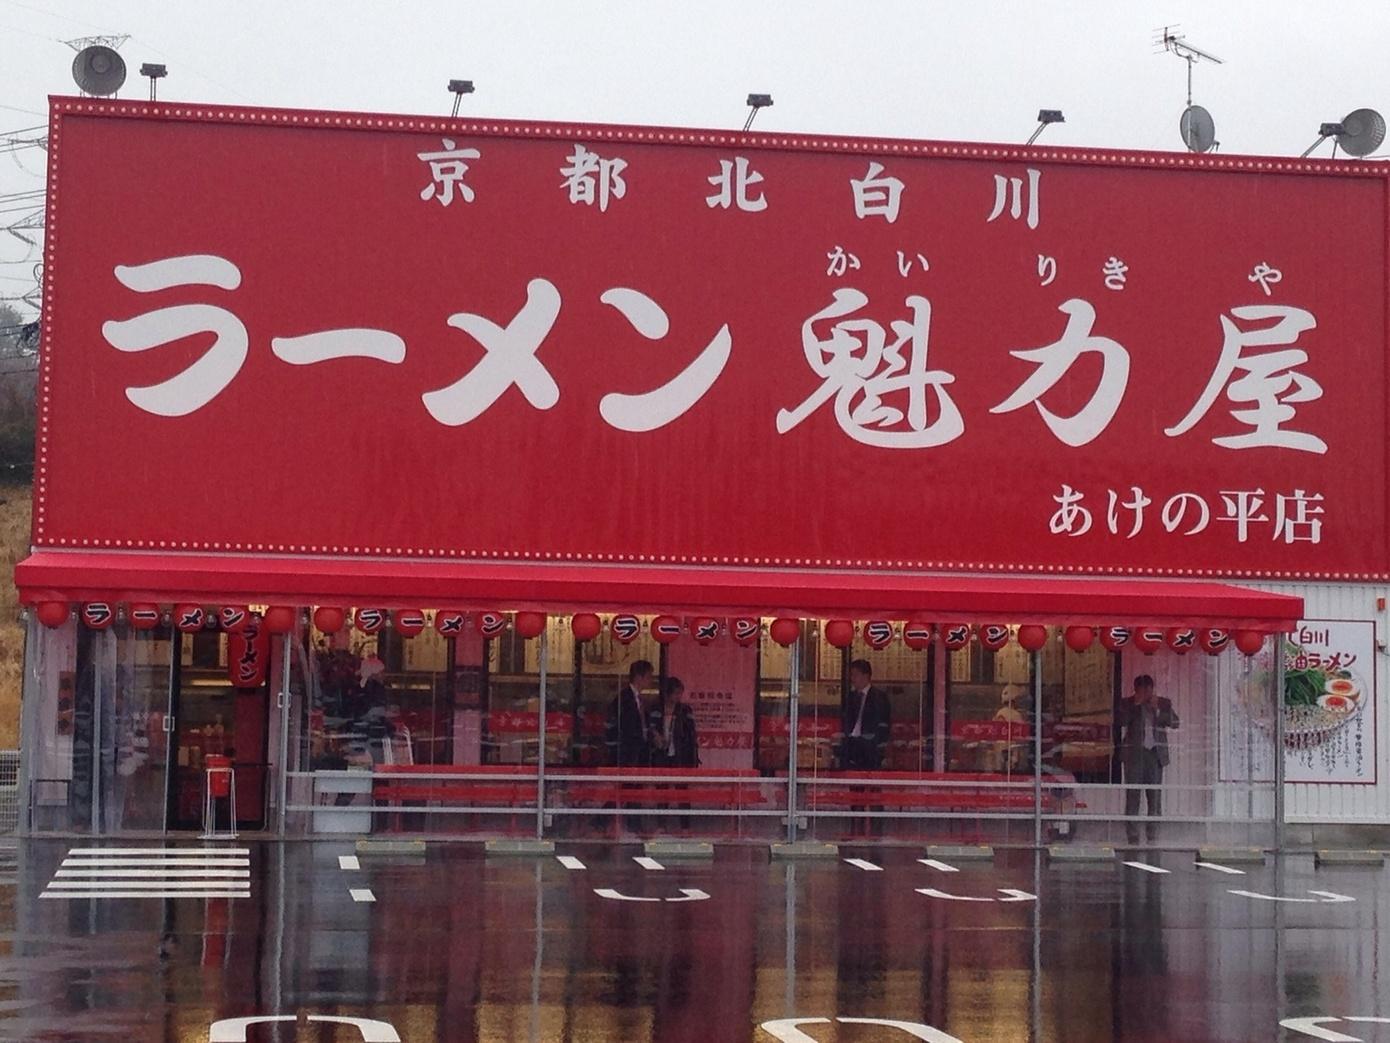 ラーメン魁力屋 あけの平店